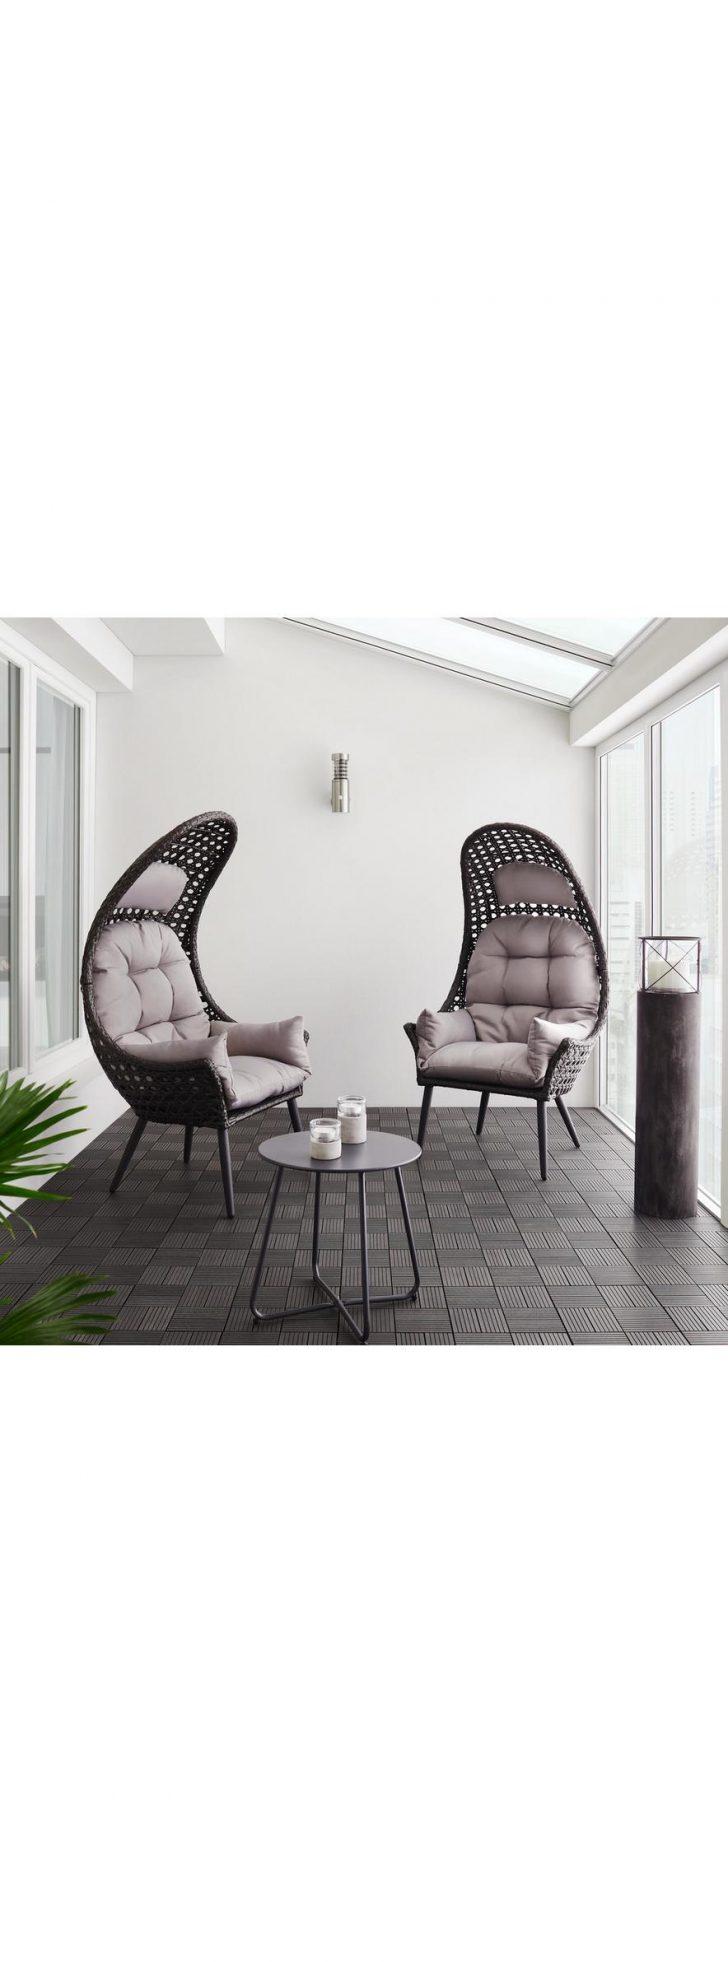 Garten Relaxsessel In Dunkelgrau Online Bestellen Spielanlage Spaten Versicherung Stapelstühle Lounge Set Sauna Lärmschutz Schallschutz Klappstuhl Pool Garten Garten Relaxsessel